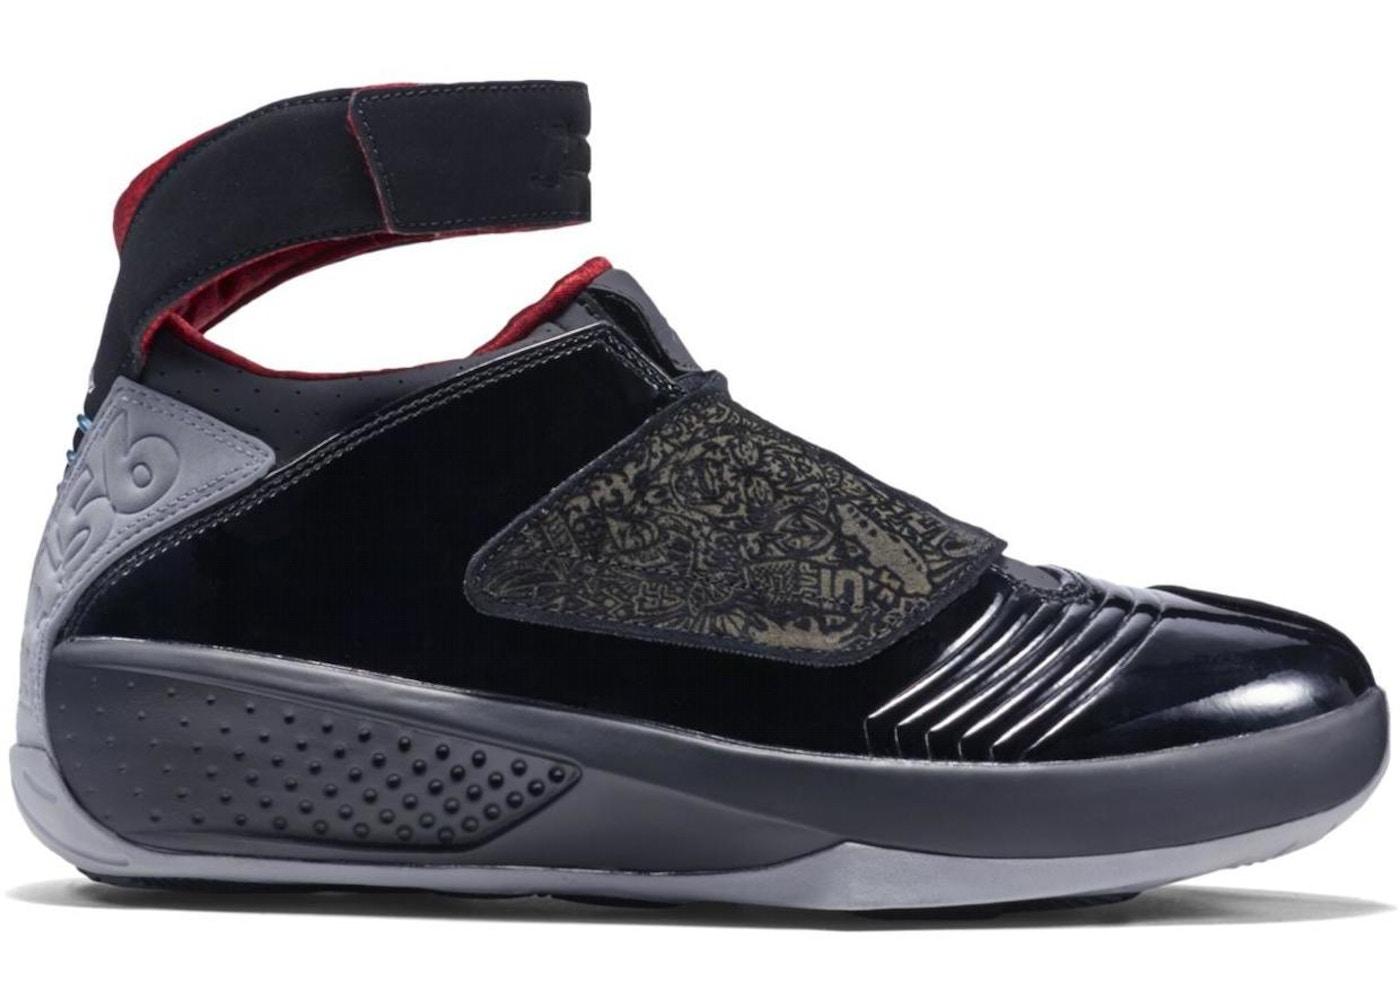 Jordan 20 Retro Stealth (2015) - 310455-002 26a45f1dd